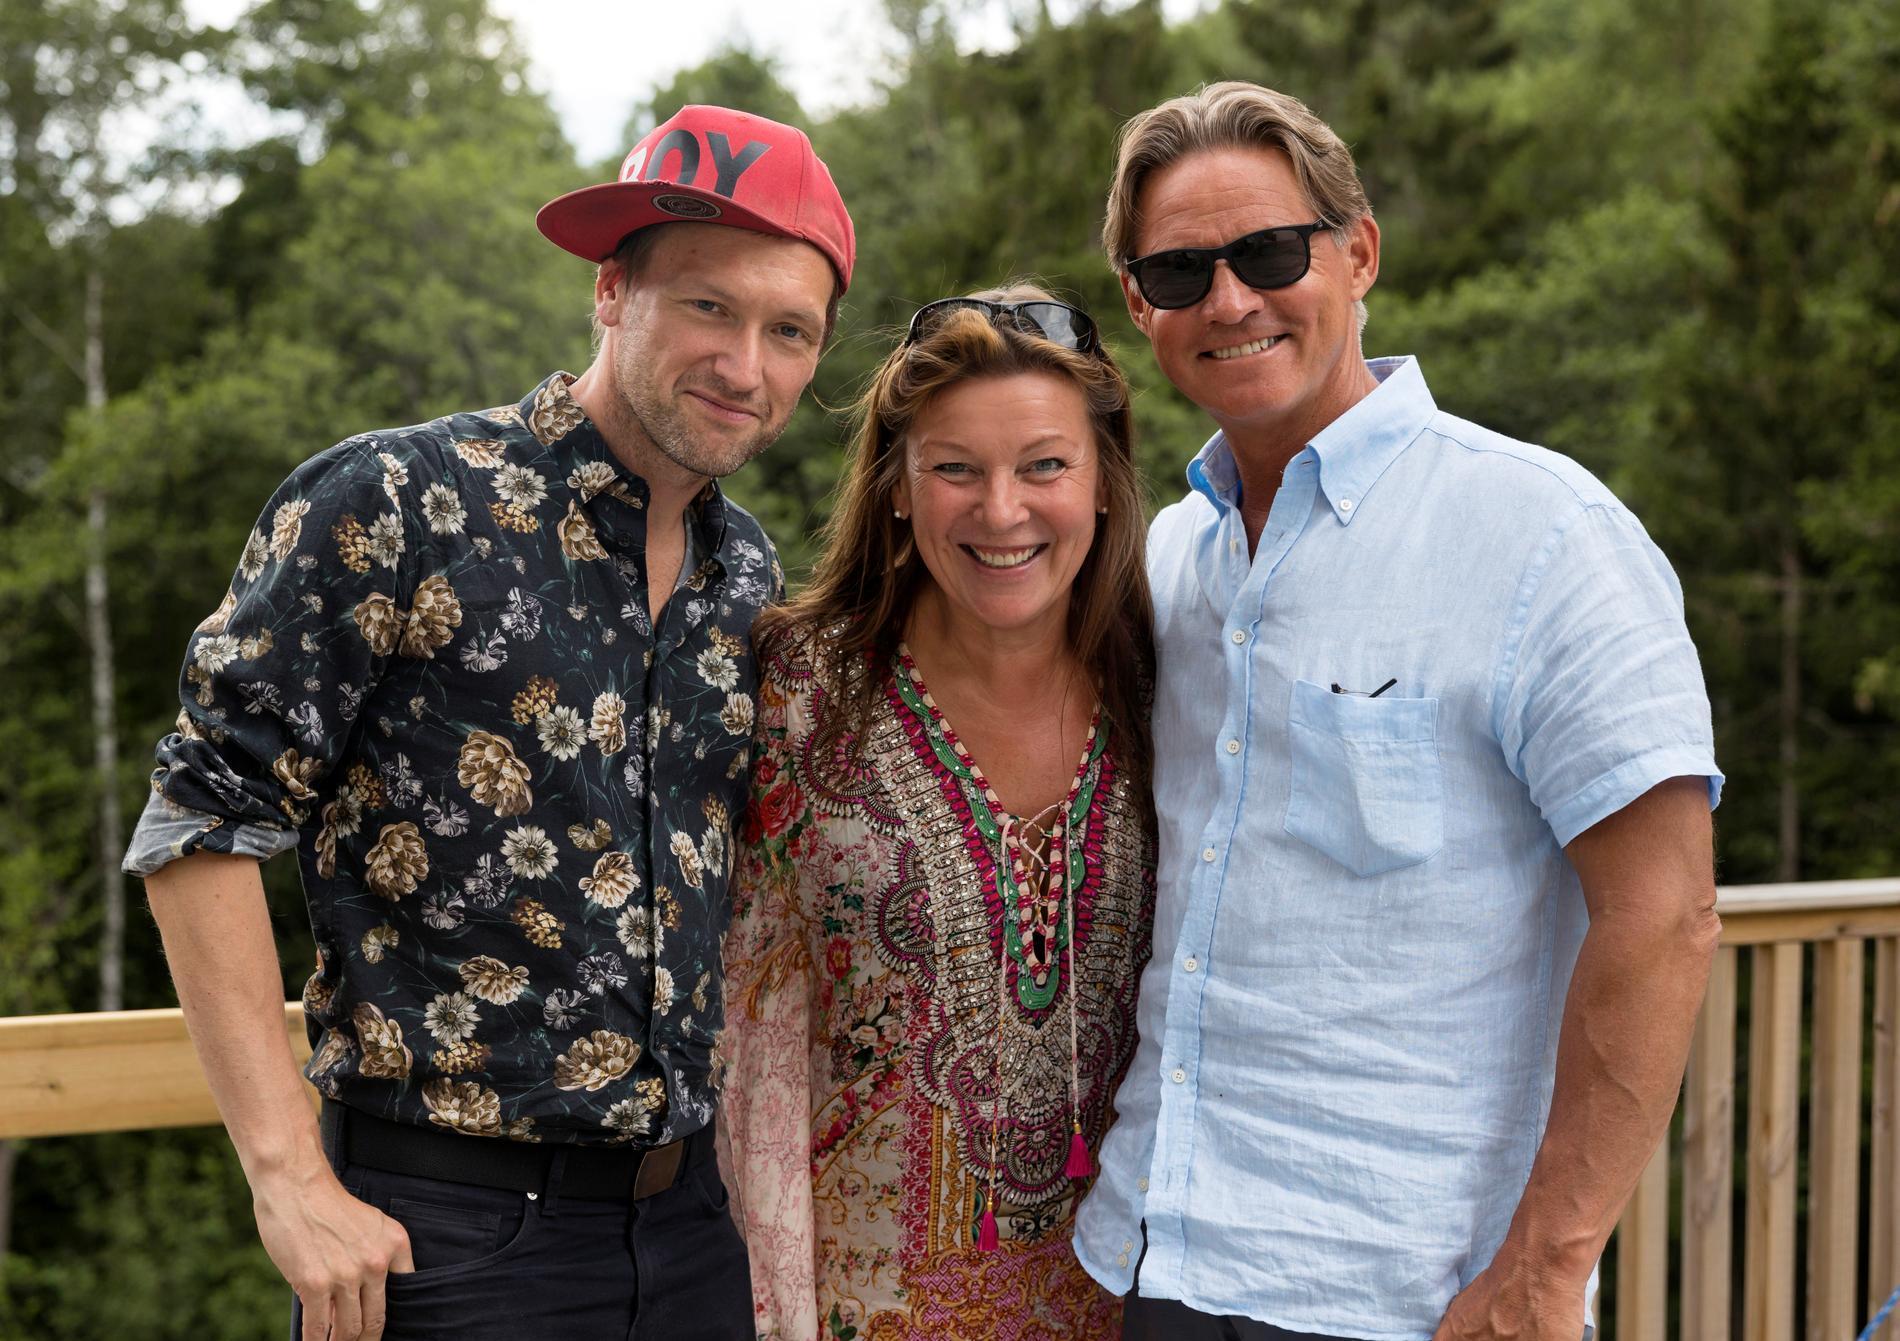 Aftonbladets reporter Tobbe Ek tillsammans med Lotta Engberg och Mikael Sandström